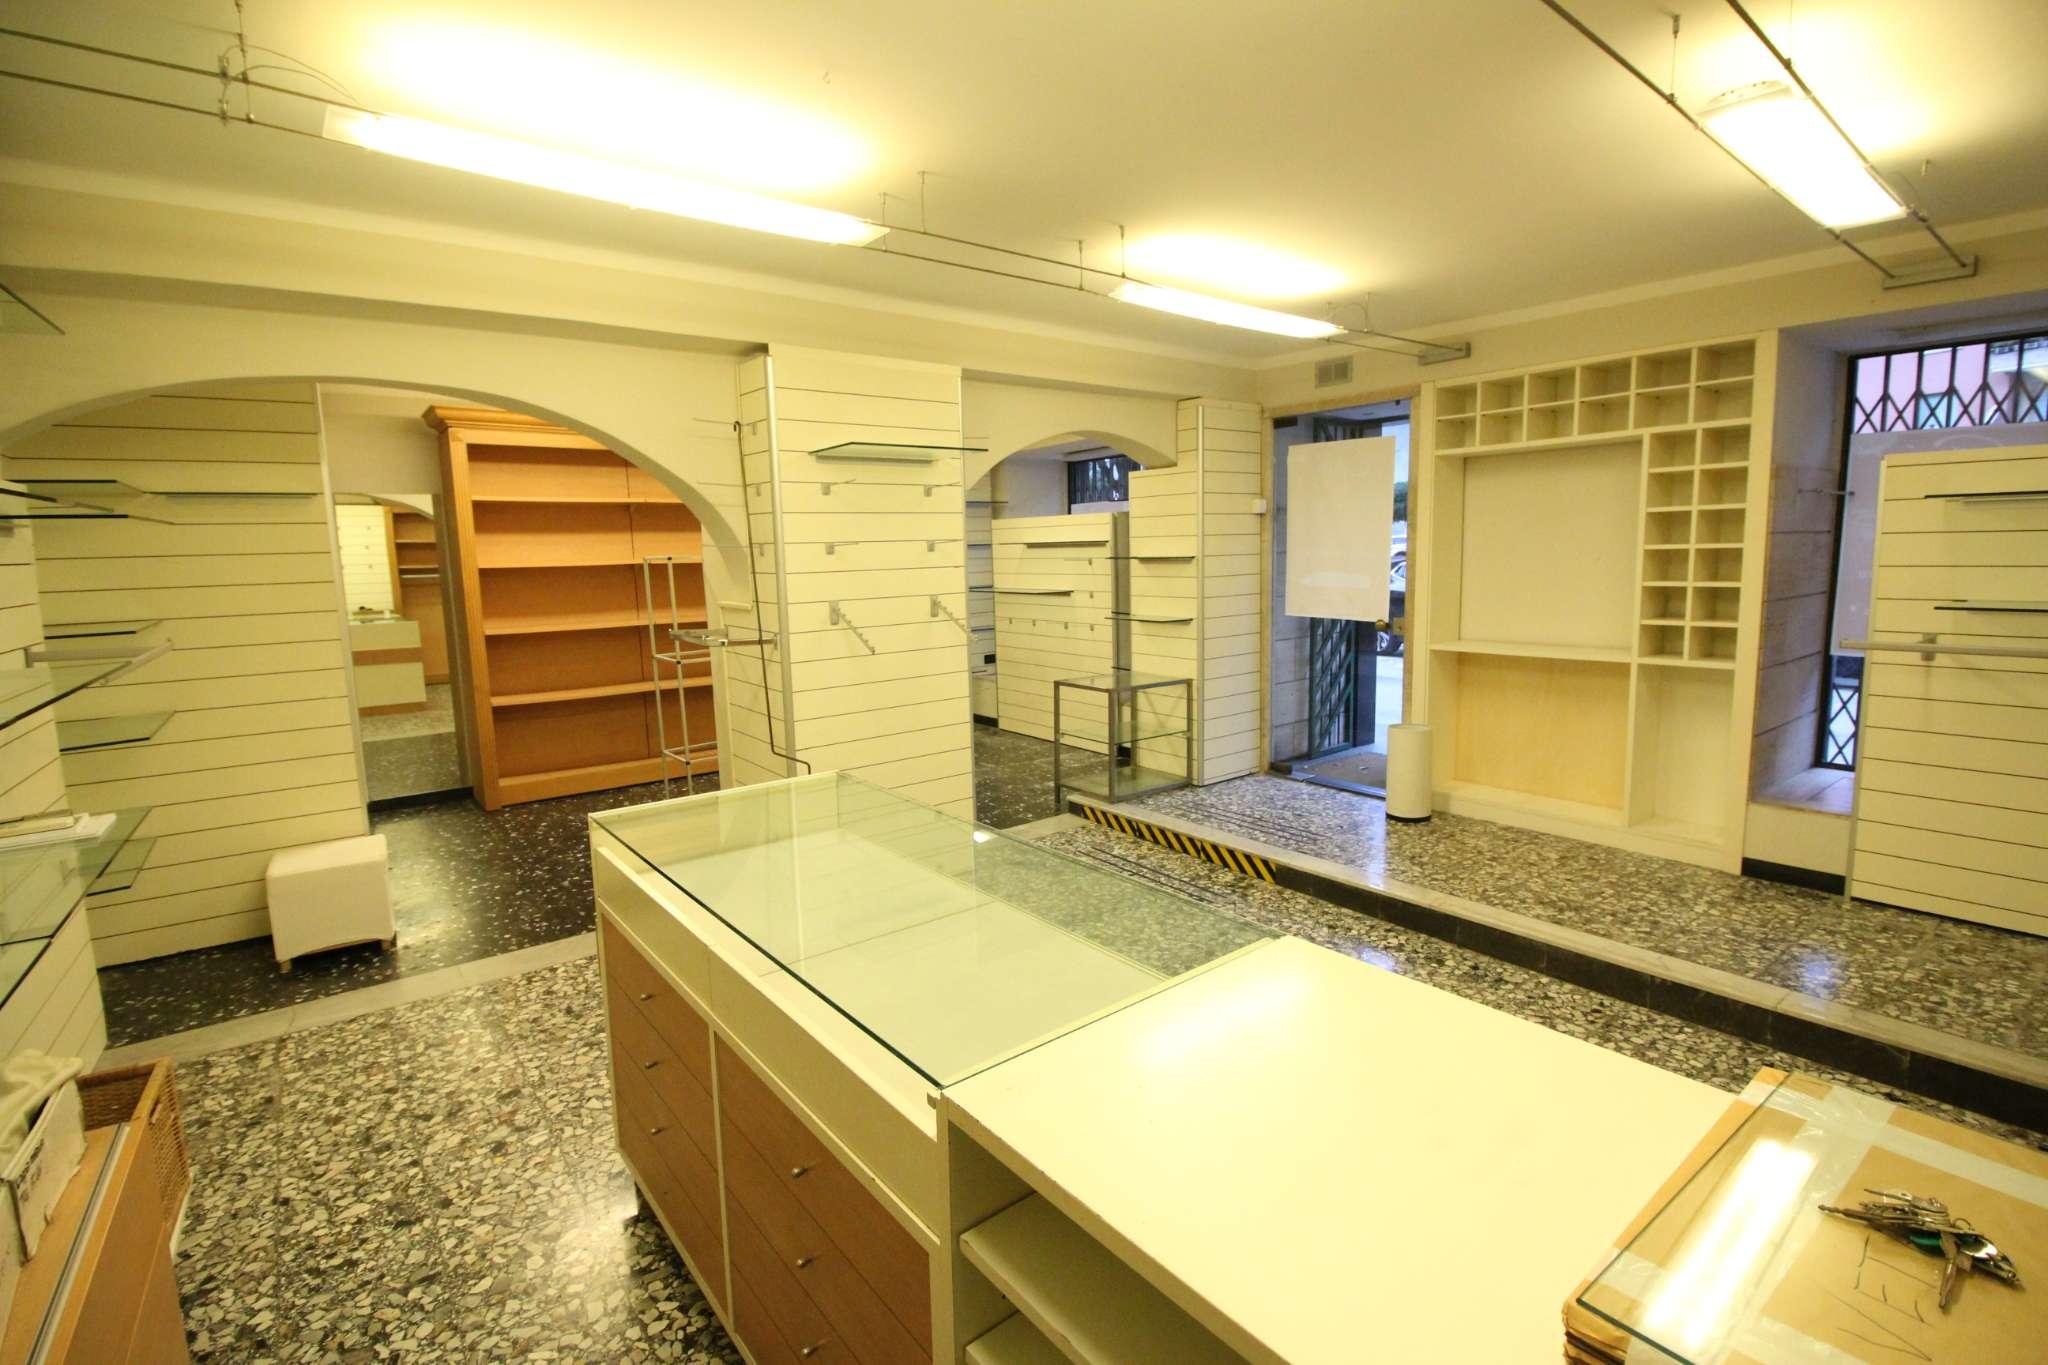 Negozio / Locale in affitto a Sori, 2 locali, prezzo € 1.100 | PortaleAgenzieImmobiliari.it